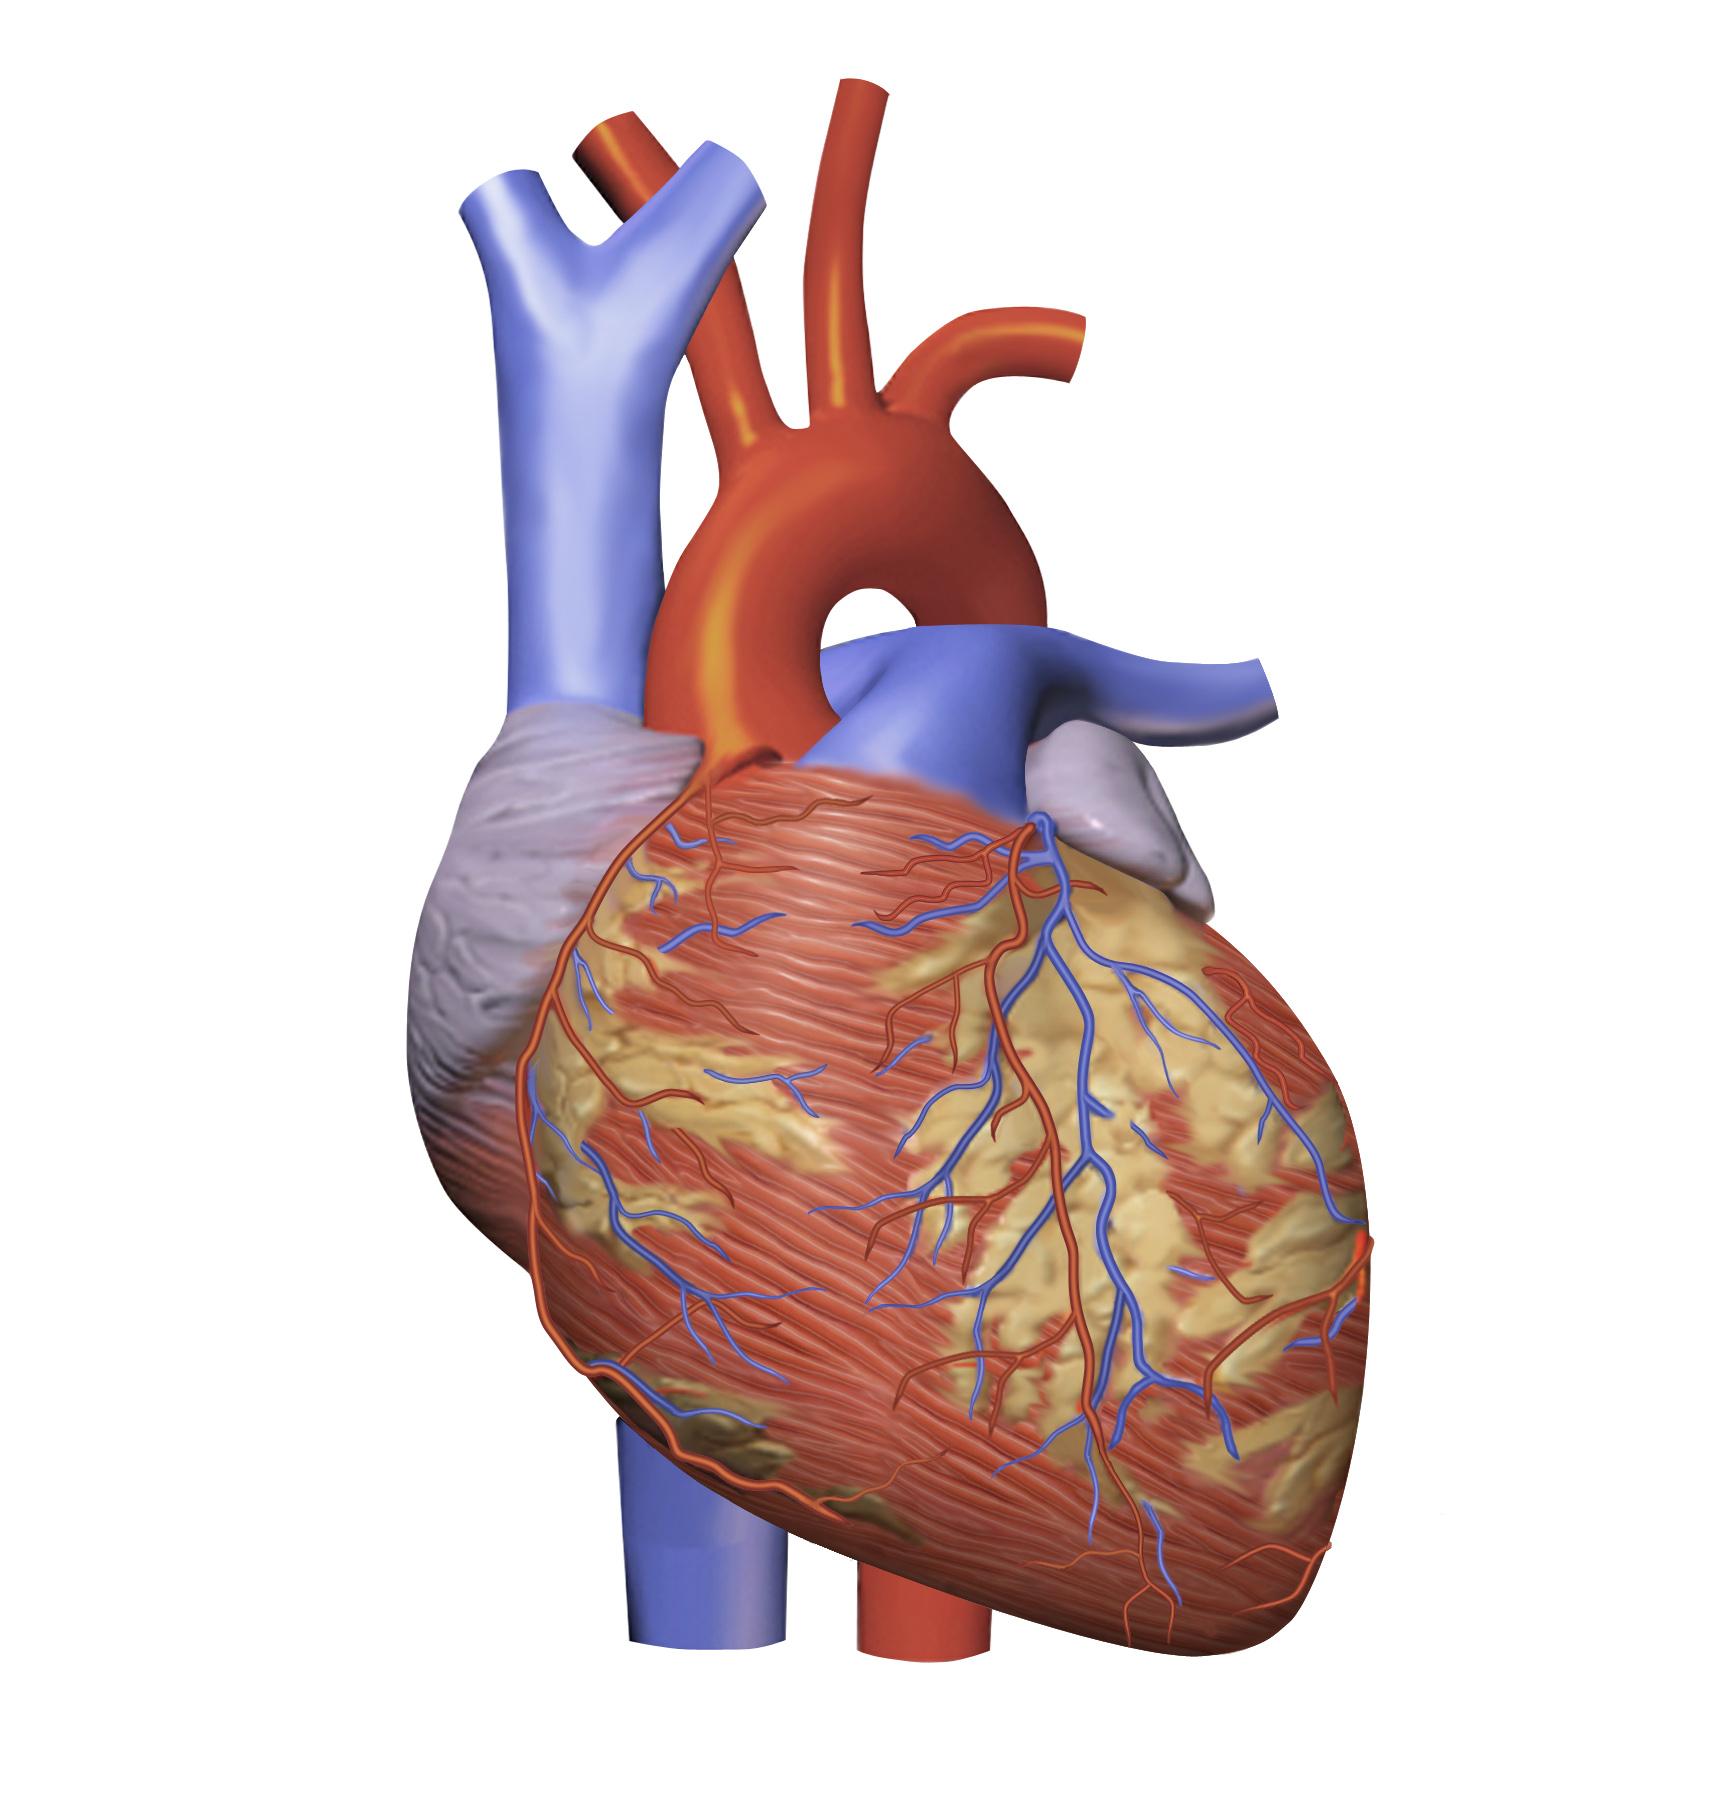 Heart_Model